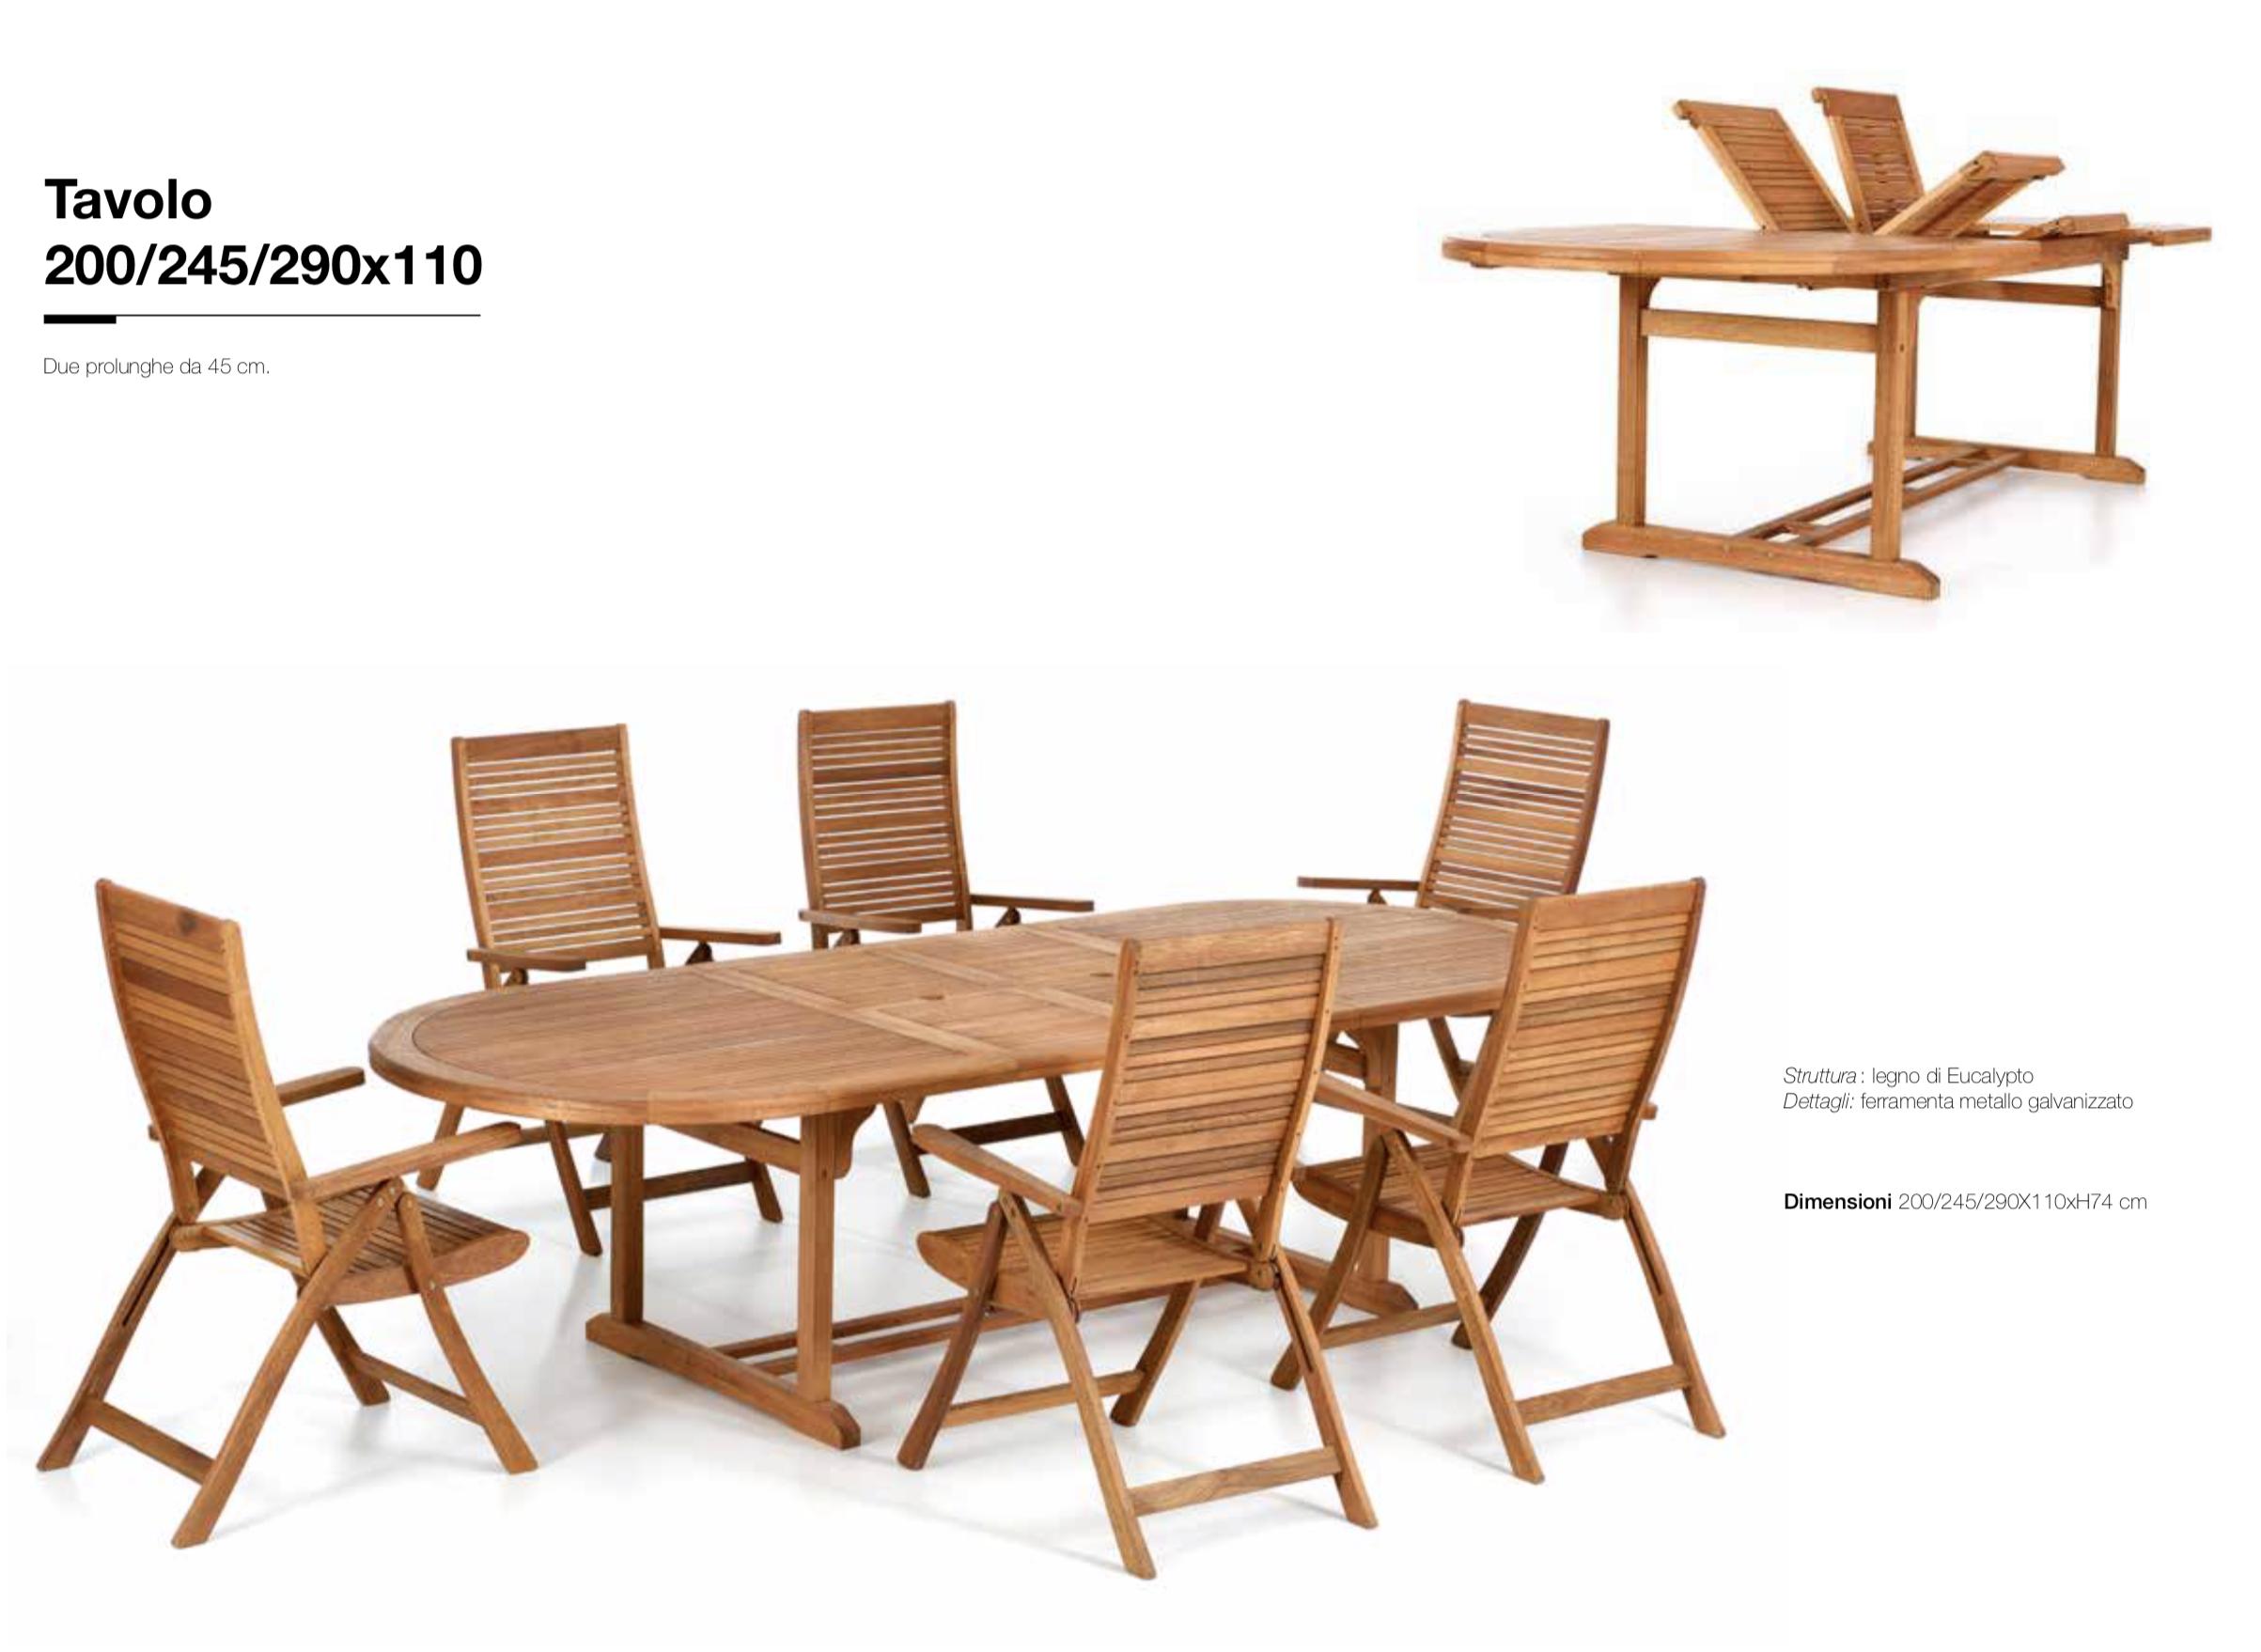 Tavolo Legno Allungabile Da Giardino.Tavolo Ovale Allungabile Da Giardino 200x110cm Pignataro Shop